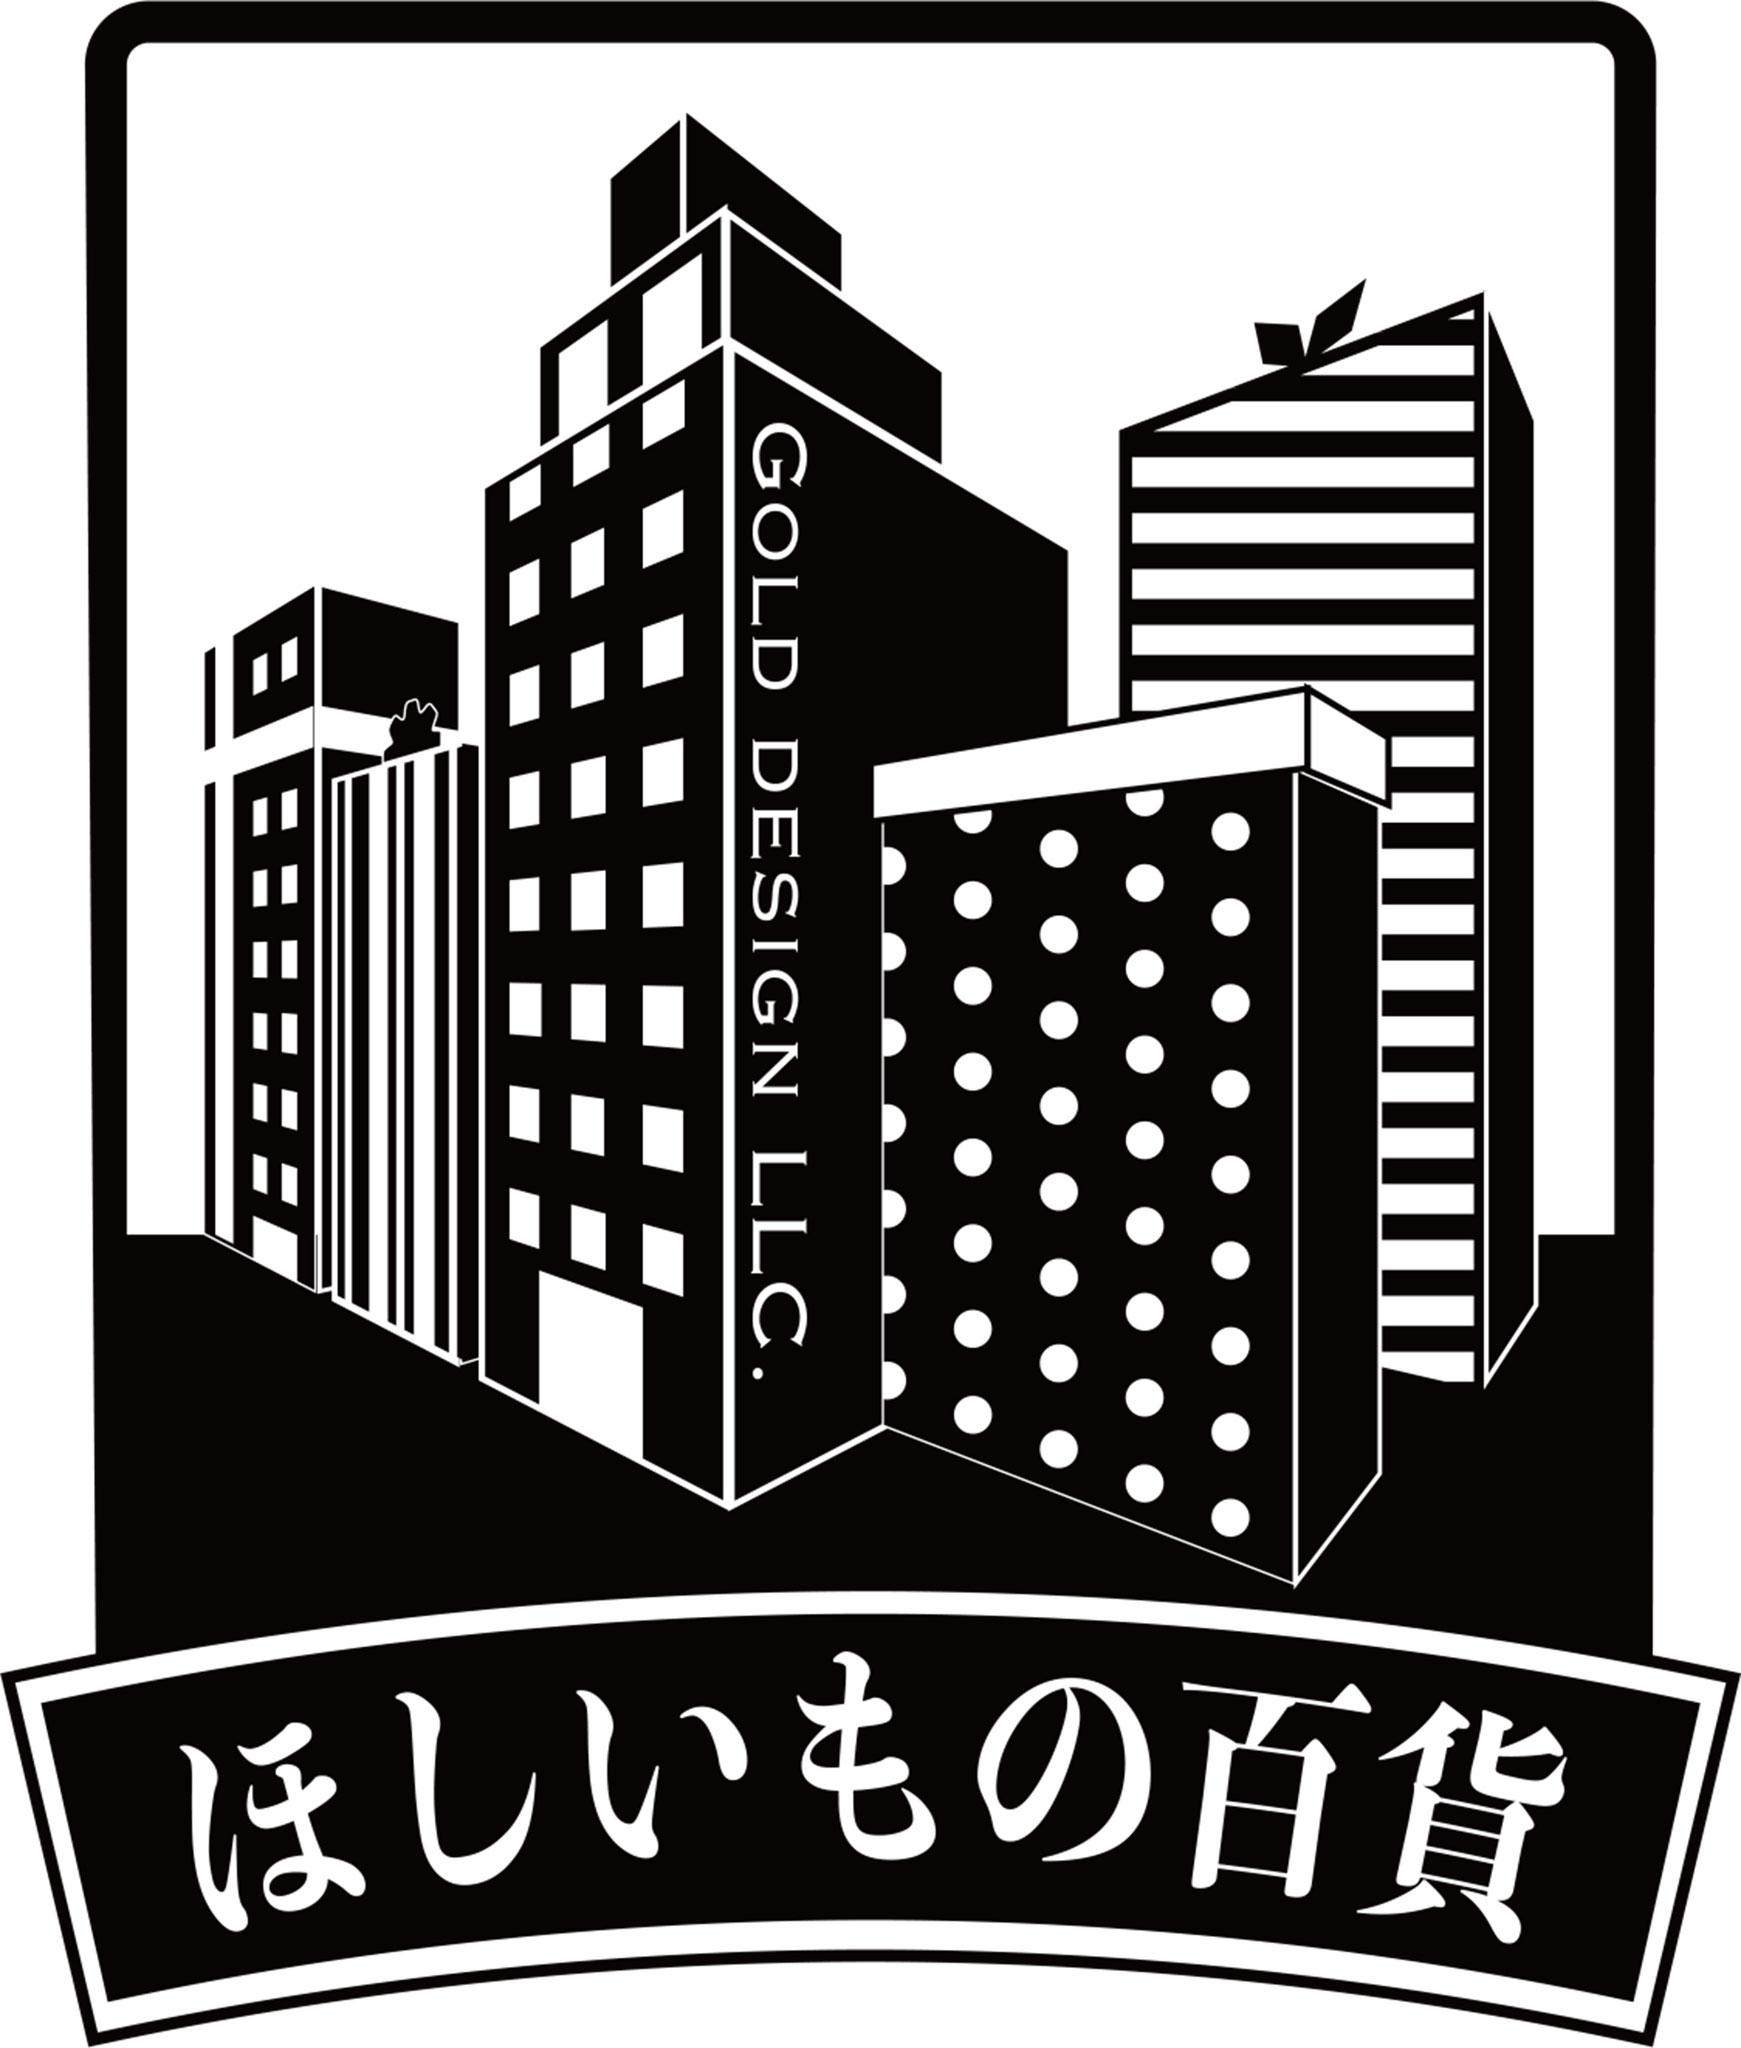 干し芋専門店「ほしいもの百貨」 ロゴマーク